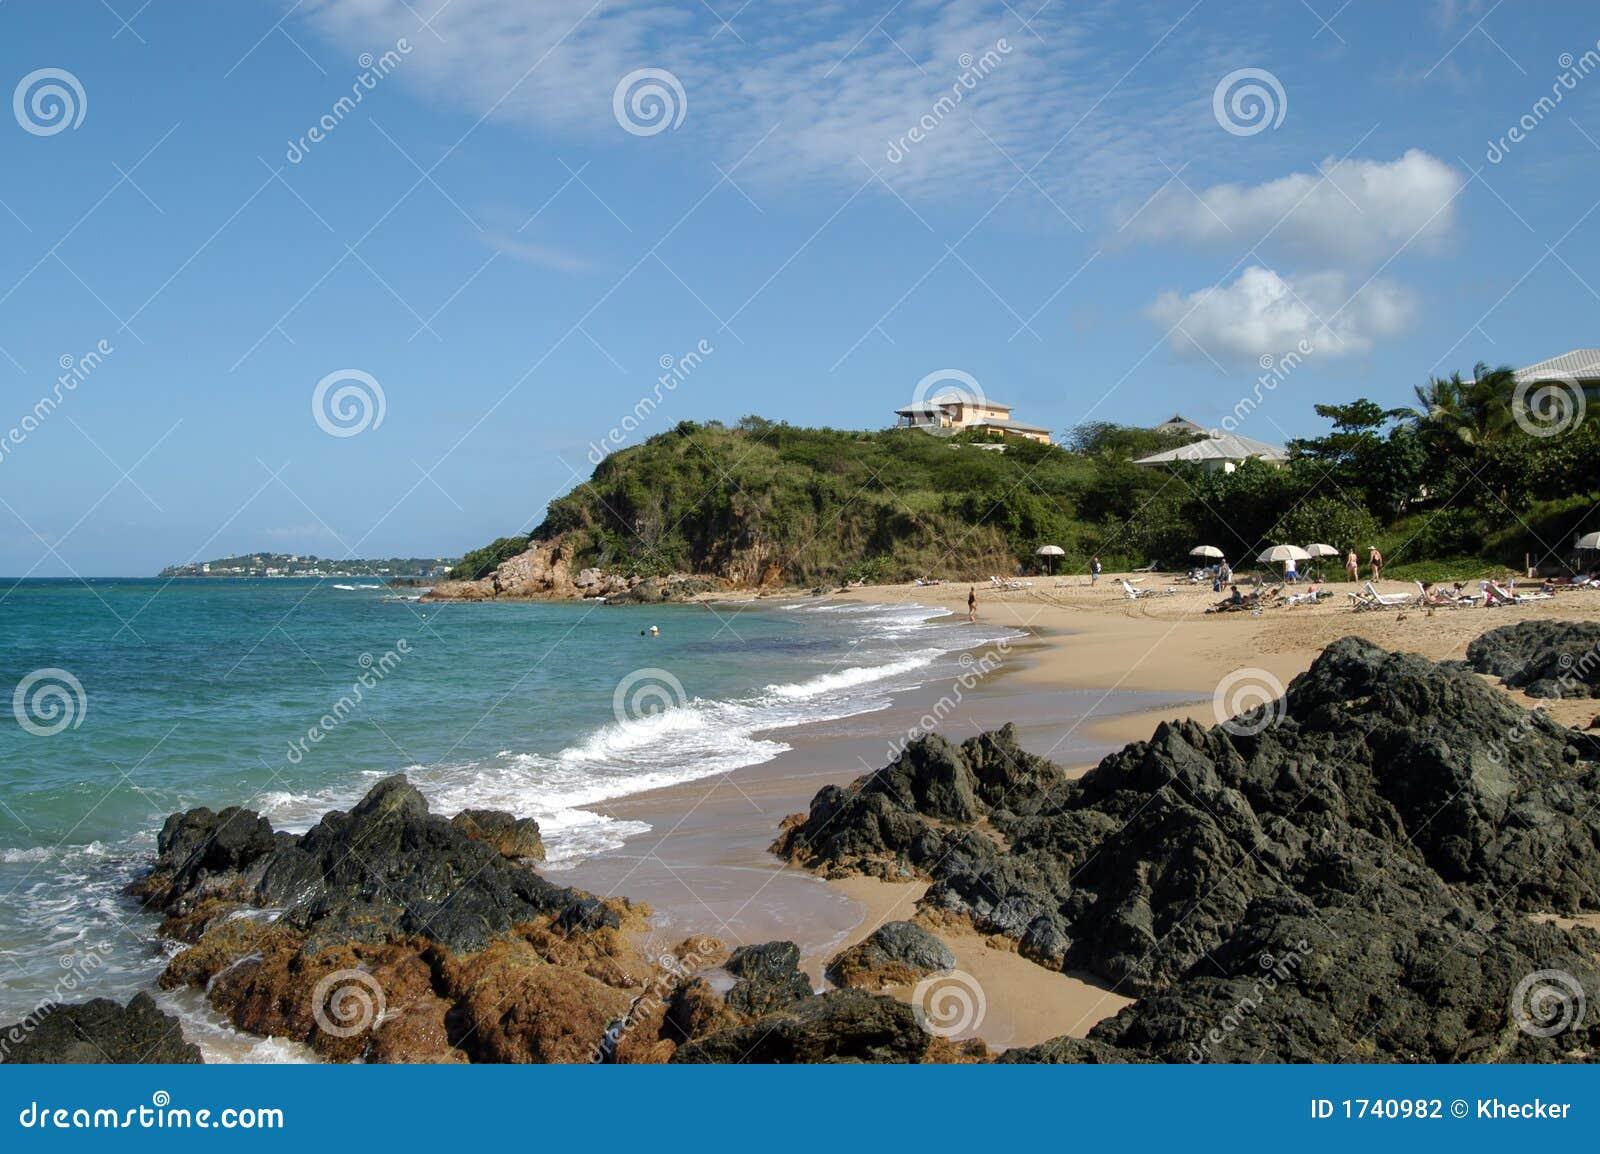 Beach on vieques